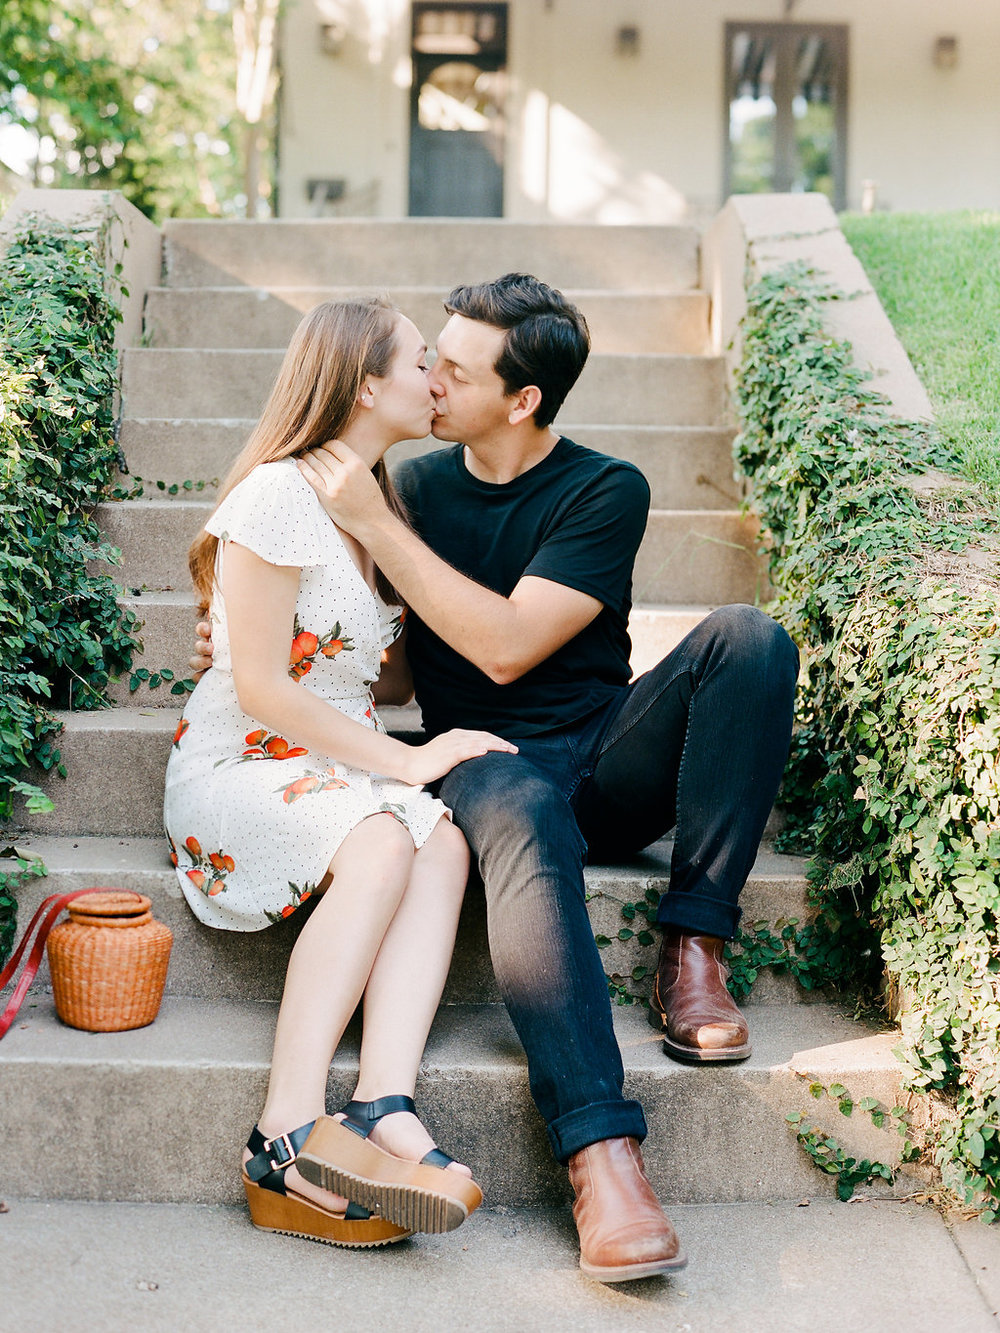 Best-Austin-Denver-California-Wedding-Photographers-fine-art-film-Engagement-Session-30.jpg